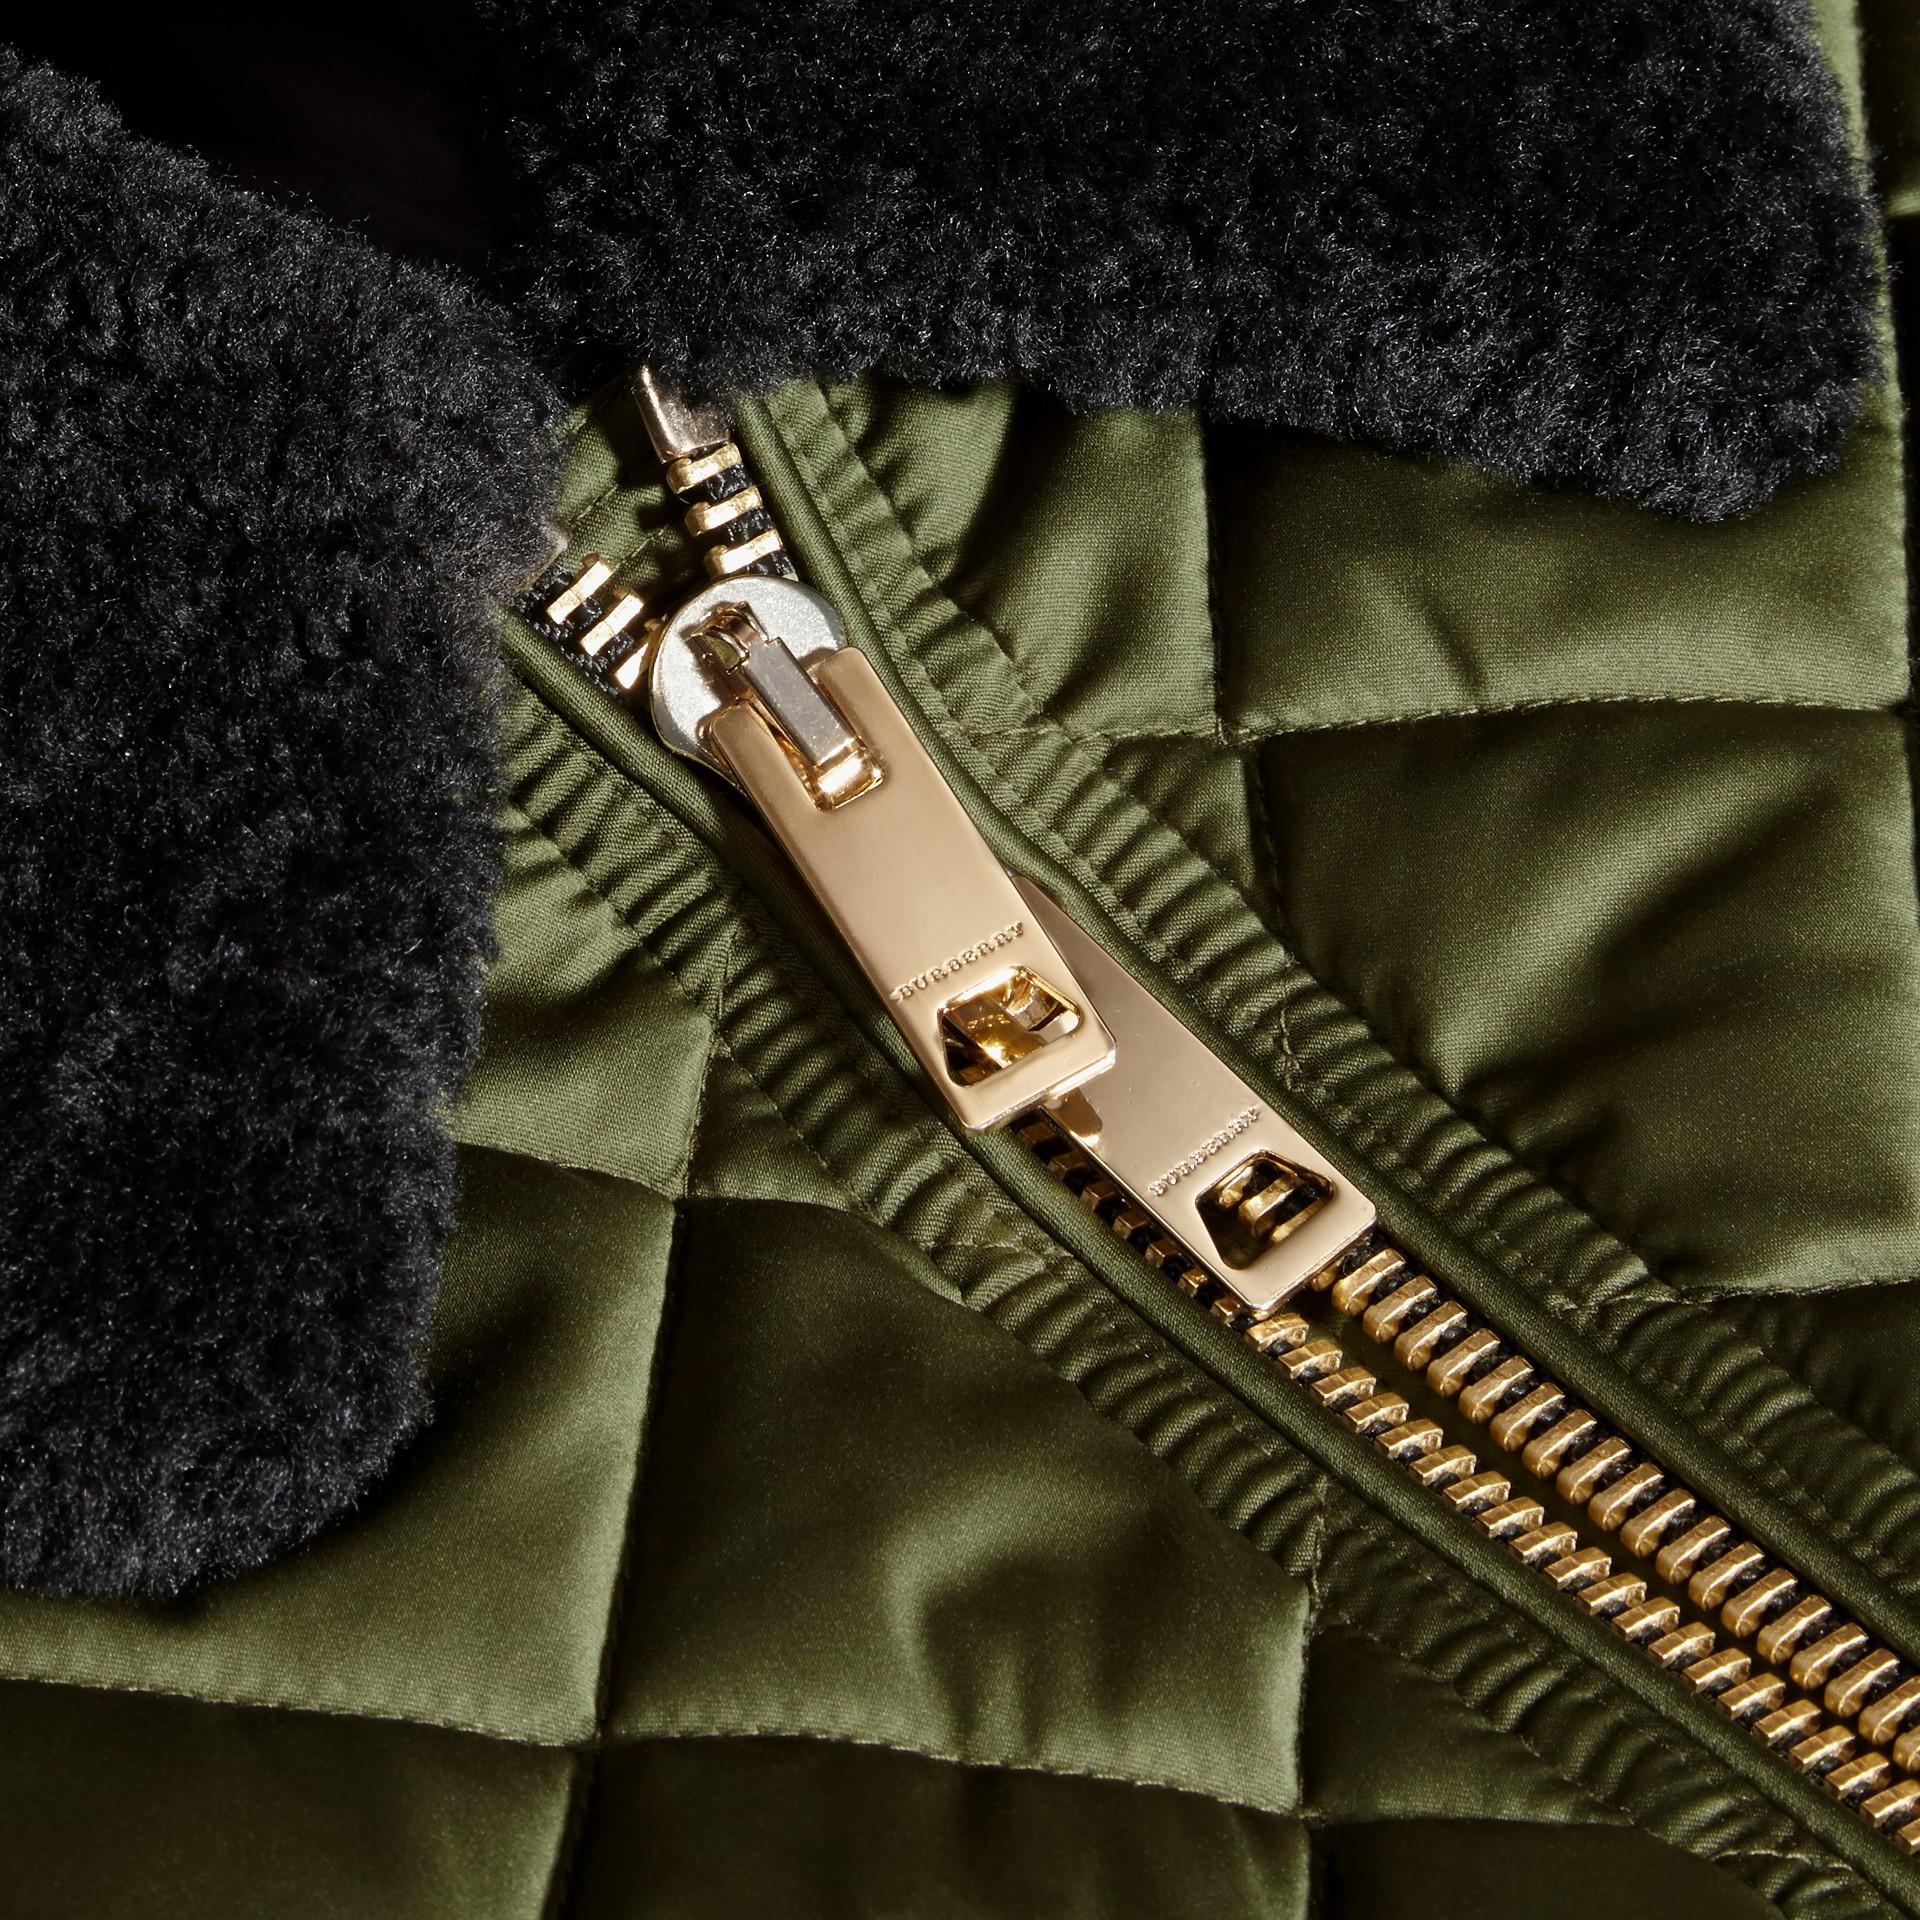 ブライトモスグリーン ロング キルティッド ボマージャケット ウィズ シアリングカラー - ギャラリーイメージ 2